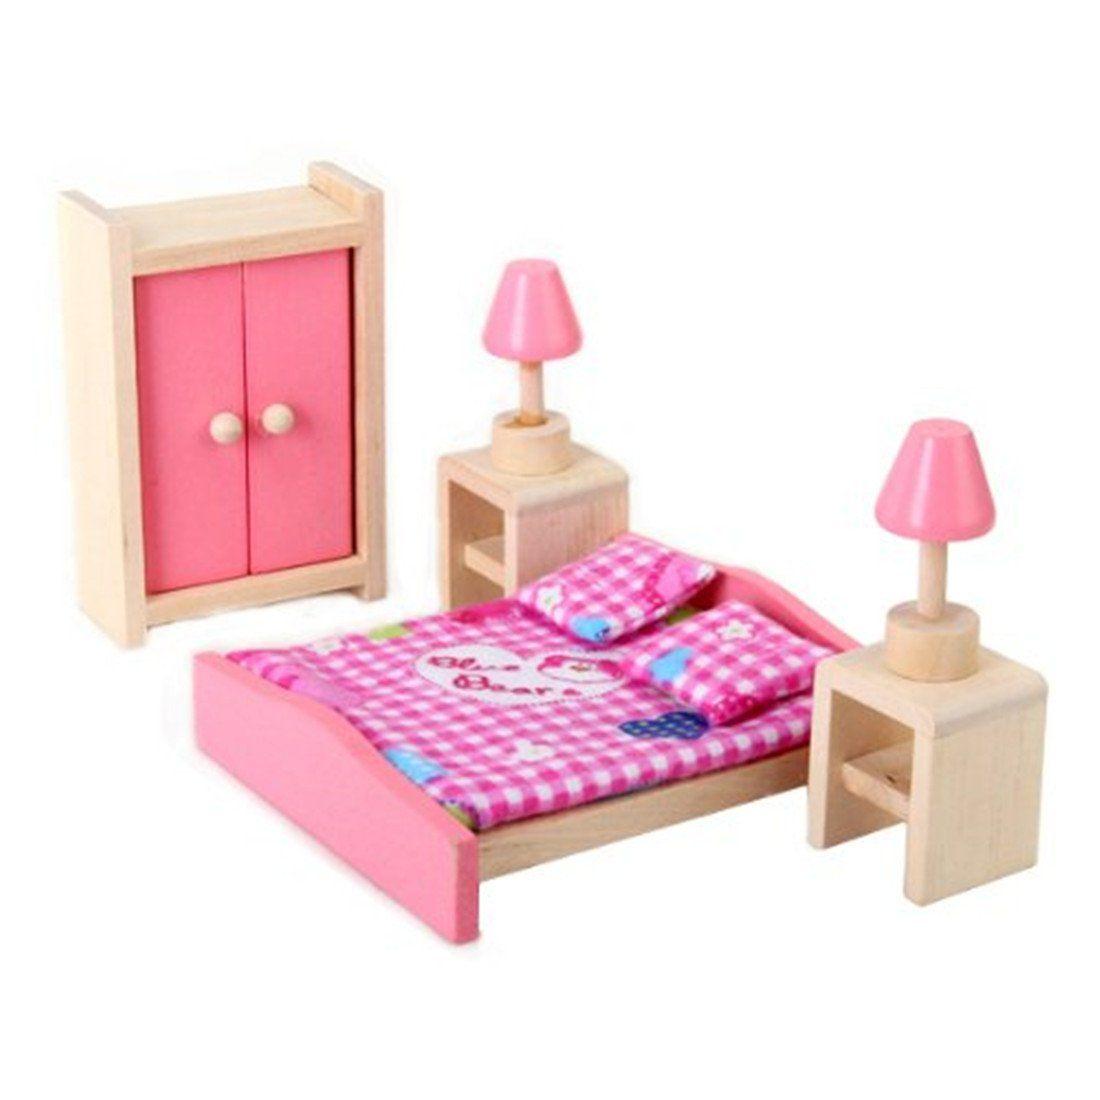 Mini Children Wooden Doll House Furniture Kids Bedroom Little Girl Doll  Houses Wood Dollhouse Kits From Breadfruiter, $30.24  Dhgate.Com